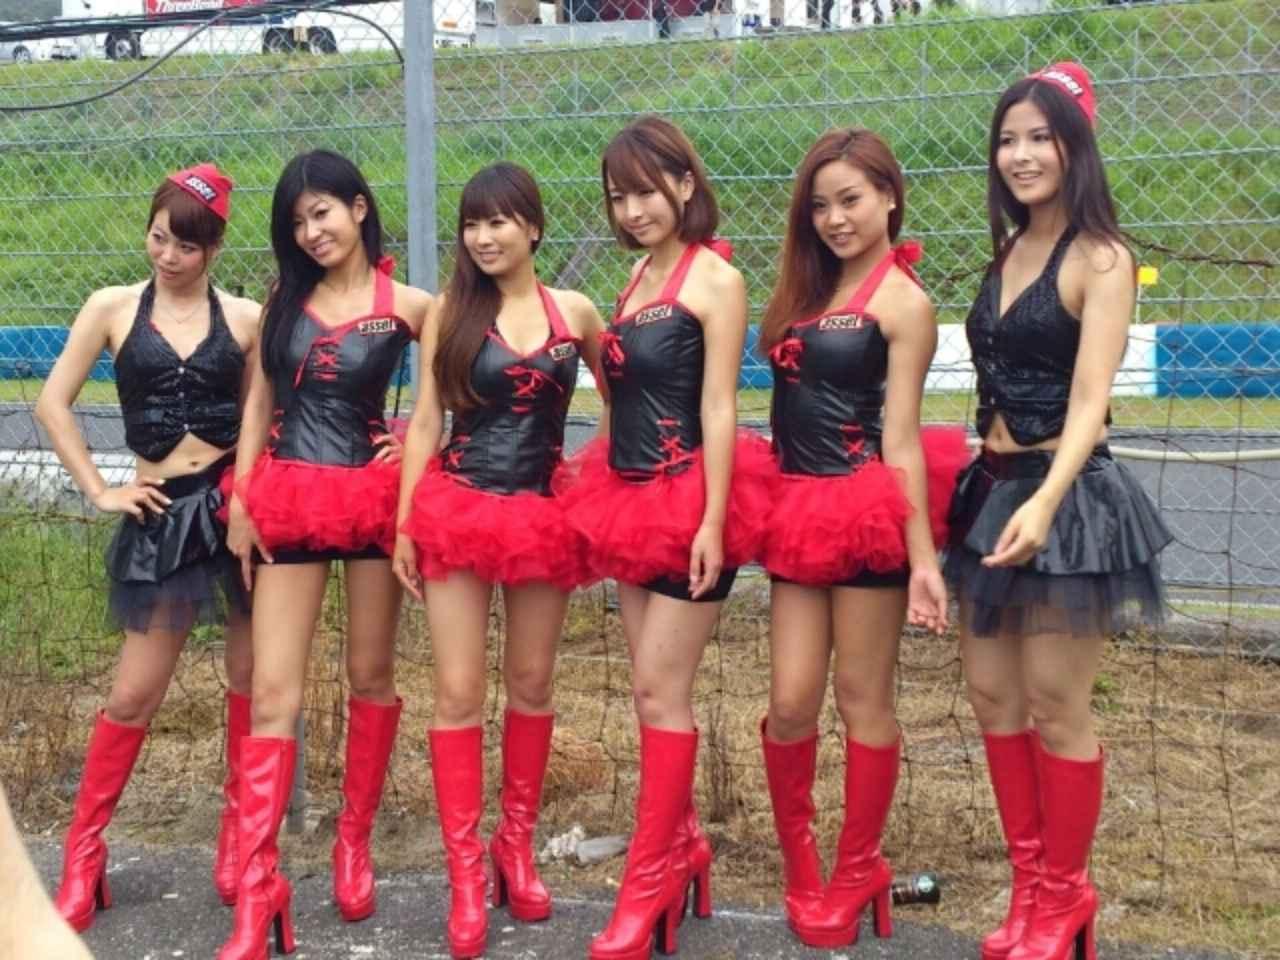 画像1: 【綺麗なお姉さんは好きですか?】 各チームのRQからチームを知ってみよう!!! 2016年 MFJ全日本ロードレース選手権Rd.3@ツインリンクもてぎvol.4